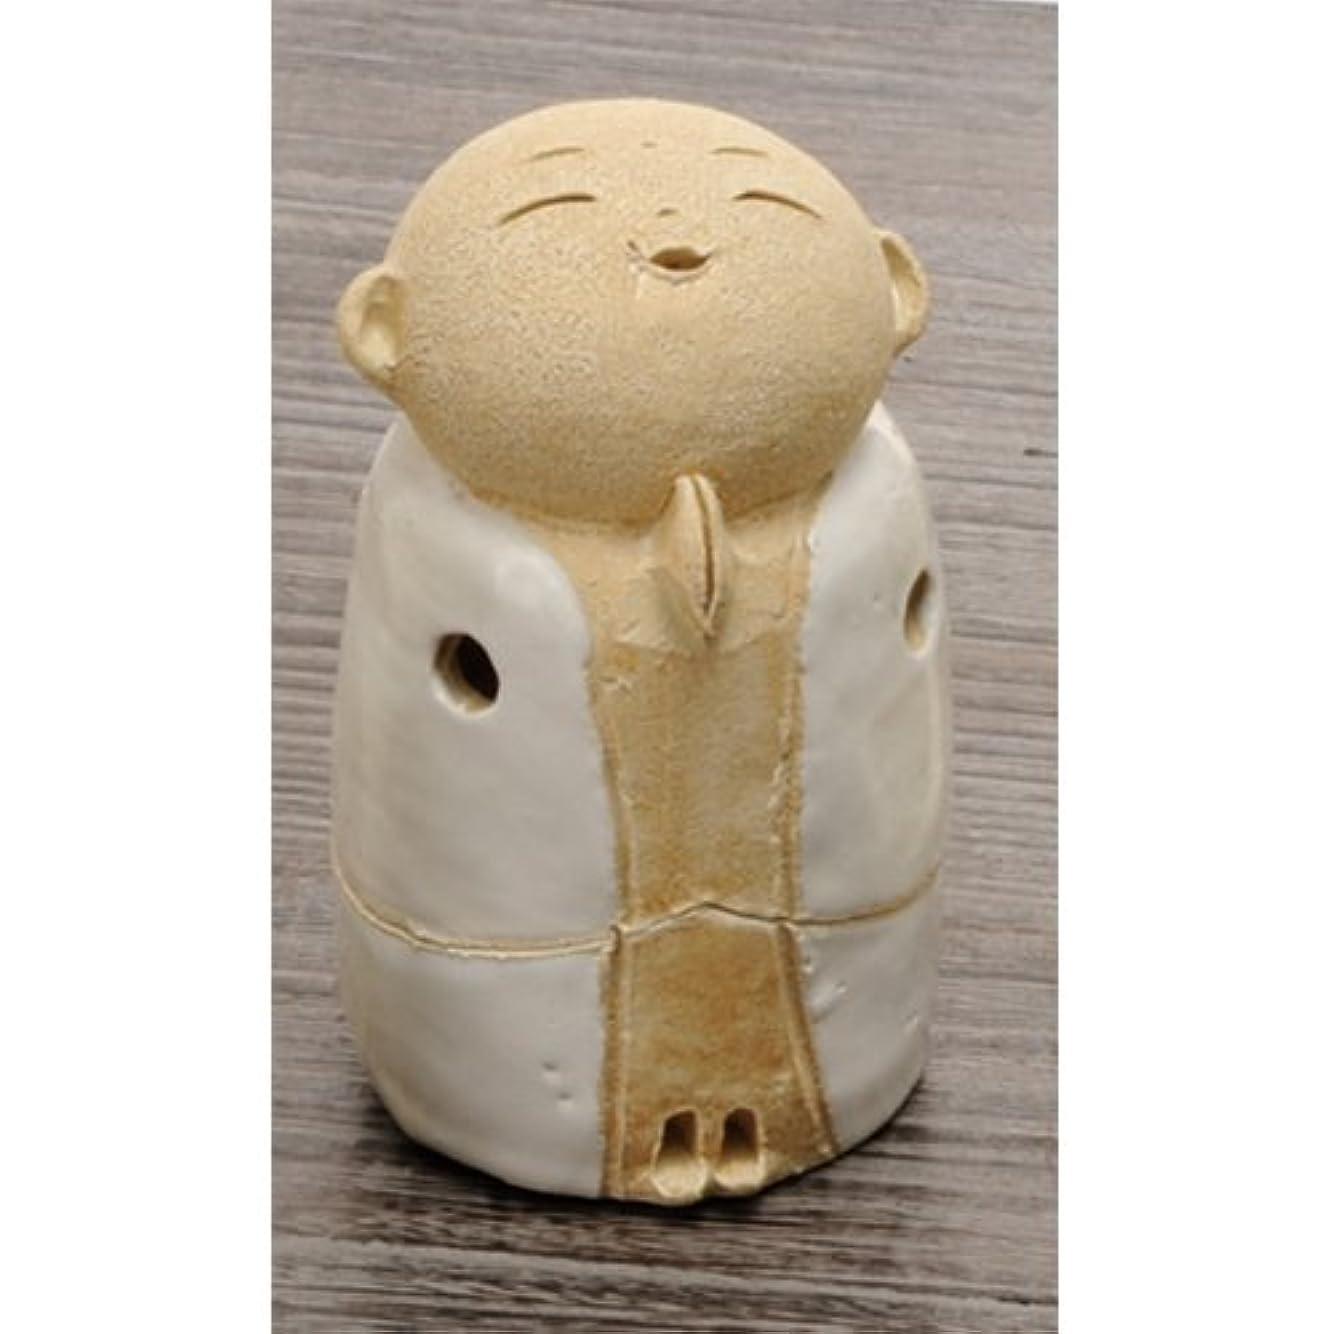 ご覧ください編集する罪人お地蔵様 香炉シリーズ 白 お地蔵様 香炉 3.5寸(小) [H10cm] HANDMADE プレゼント ギフト 和食器 かわいい インテリア